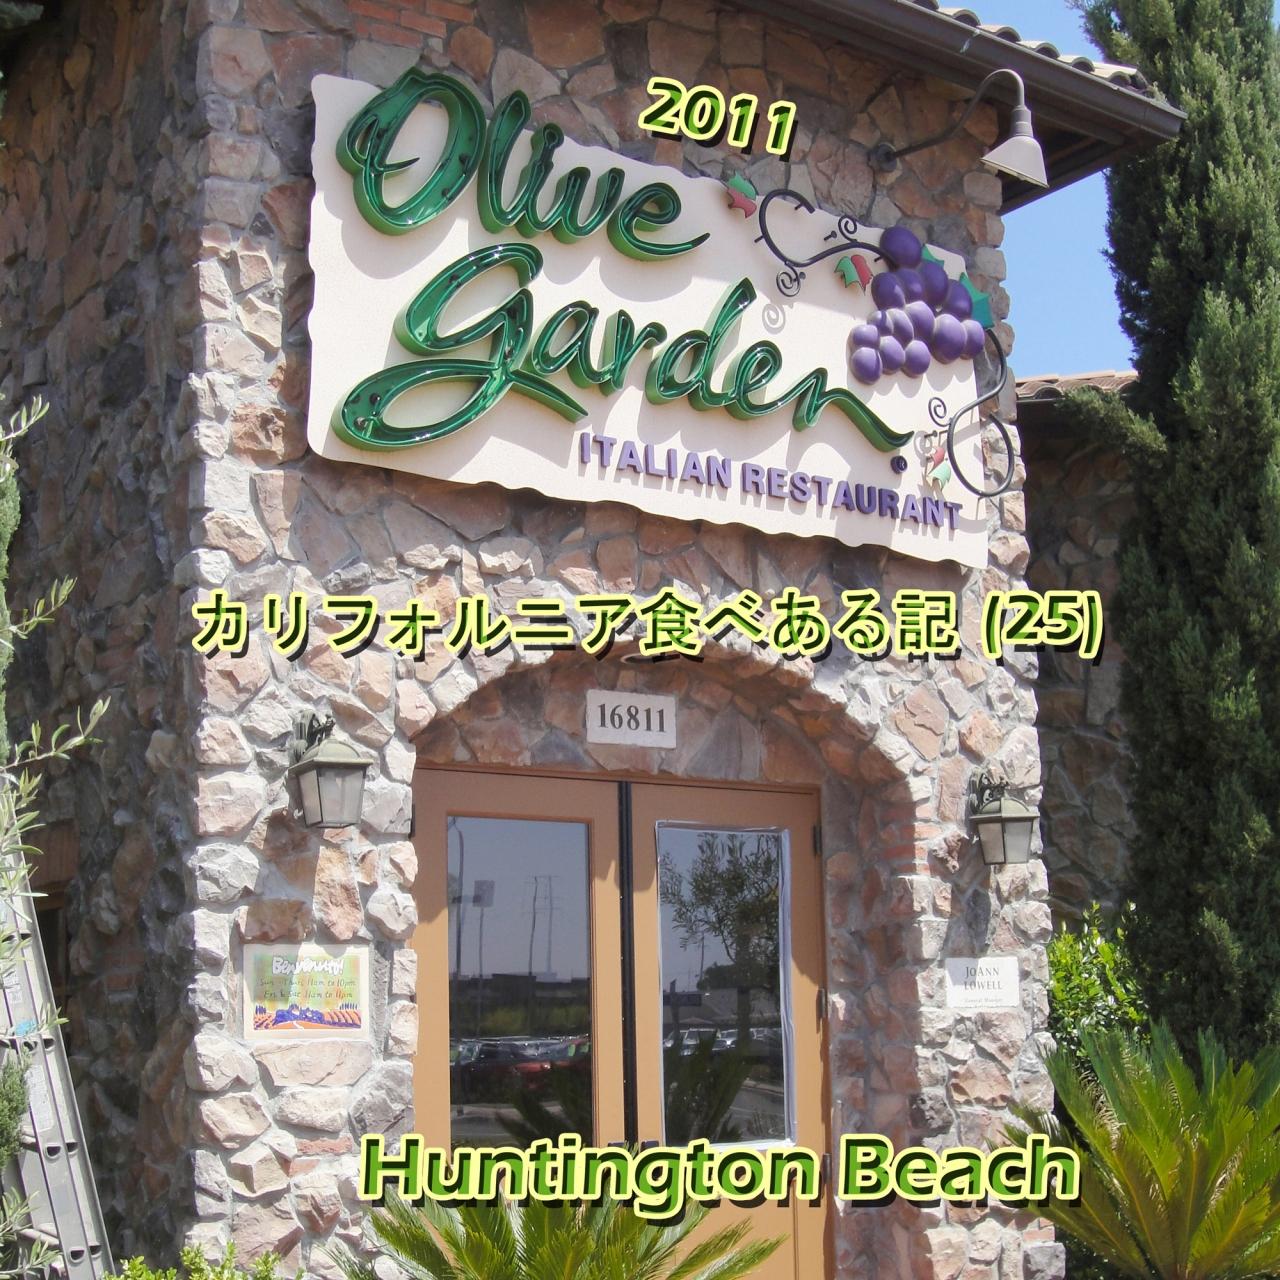 - Olive Garden Huntington Beach